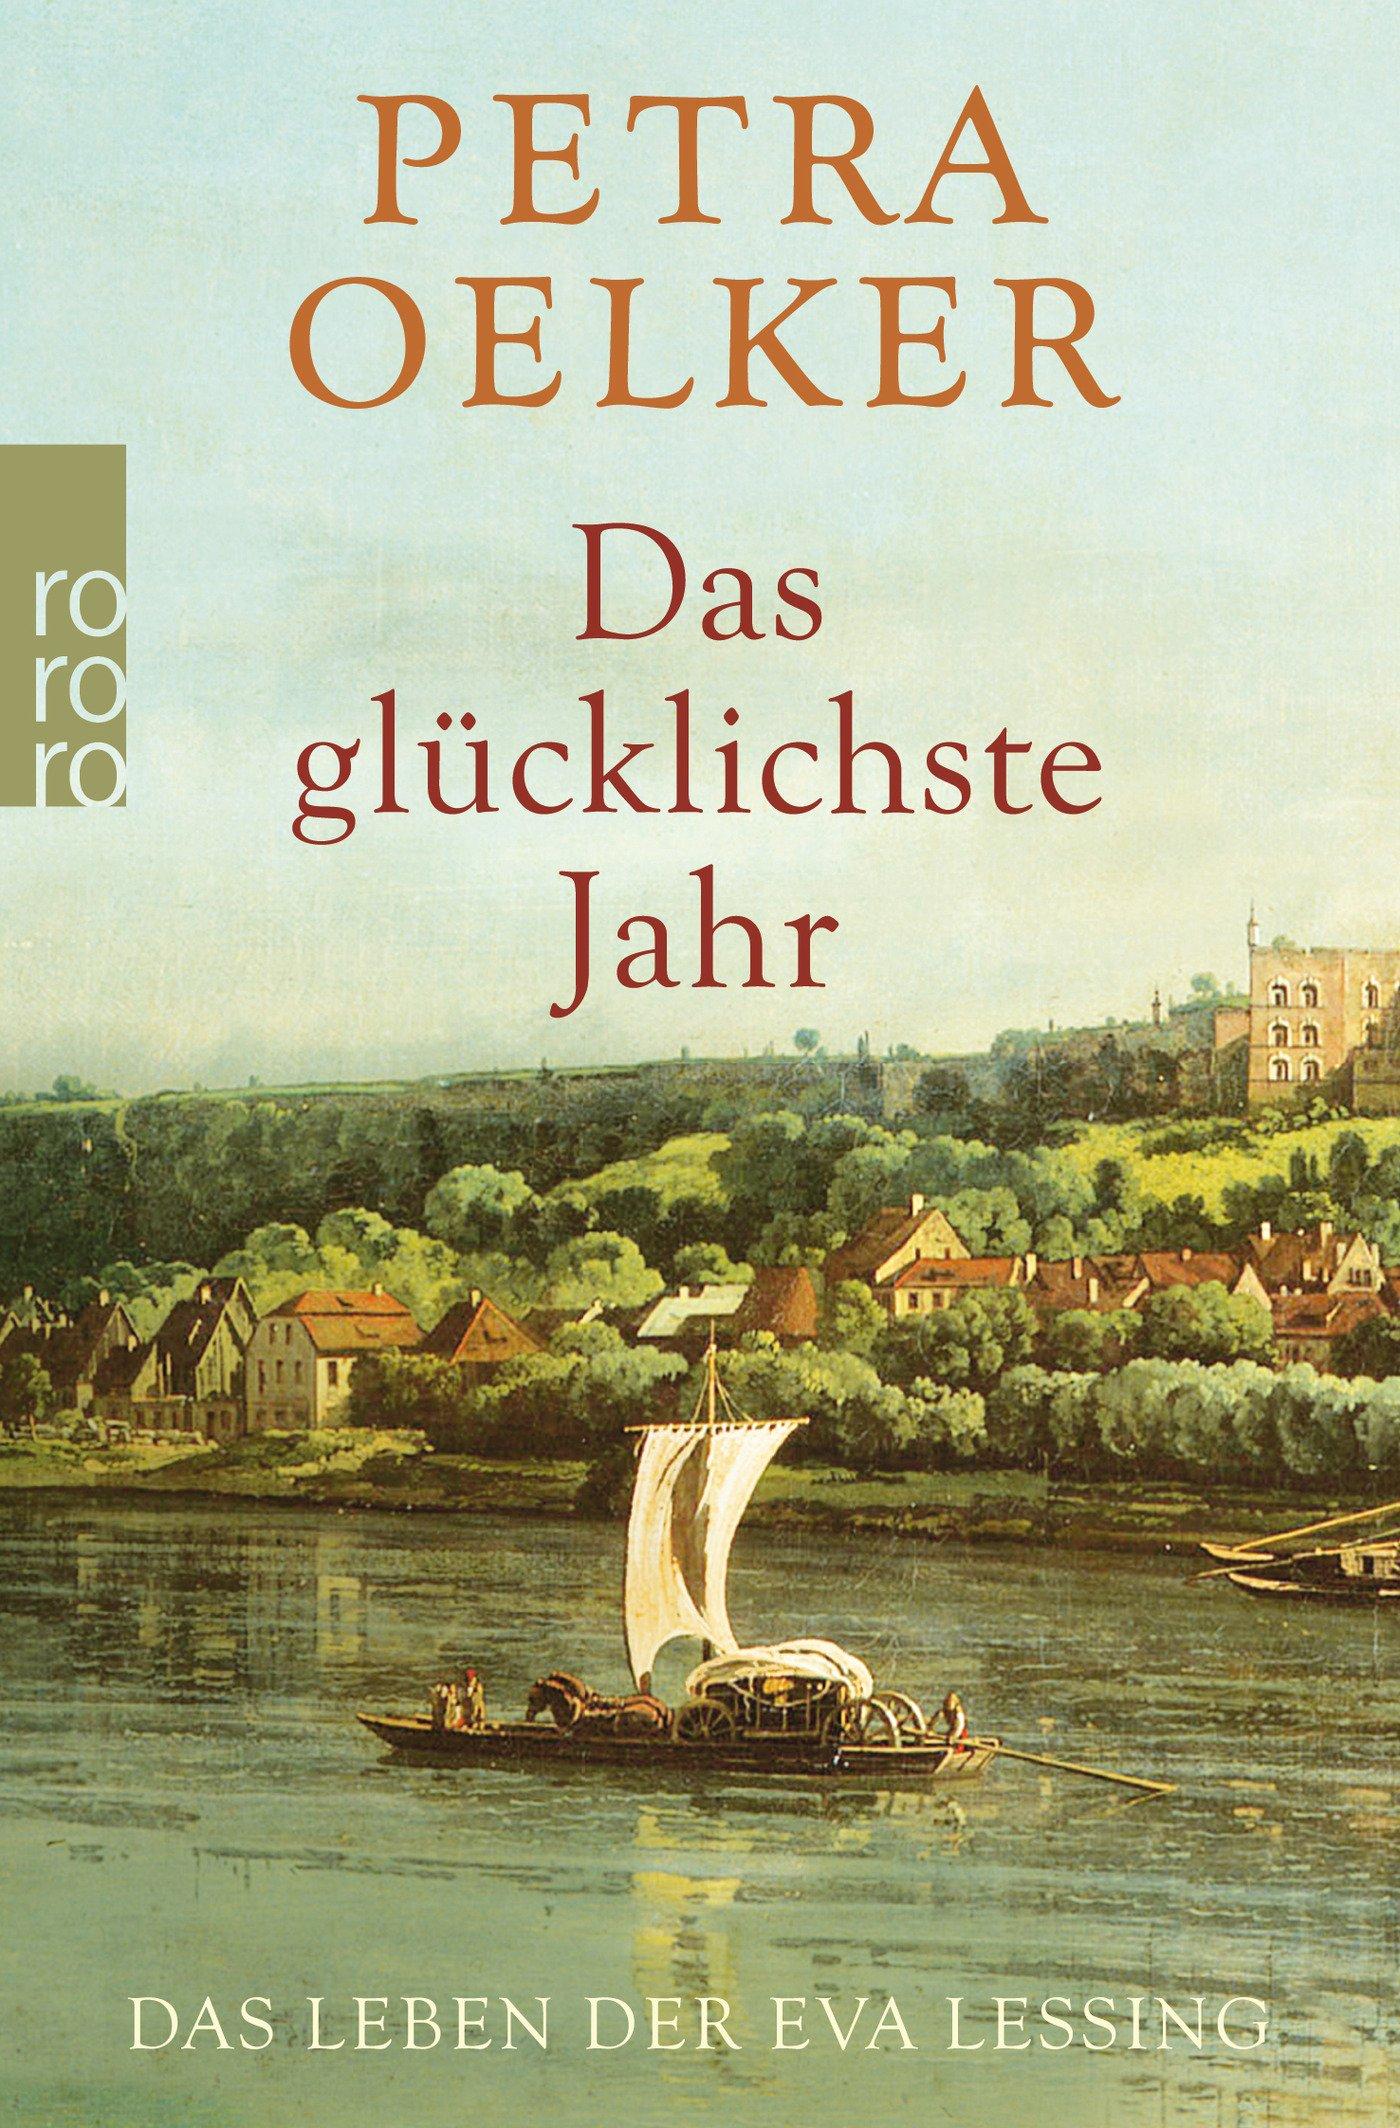 Das glücklichste Jahr: Das Leben der Eva Lessing Taschenbuch – 27. November 2015 Petra Oelker Rowohlt Taschenbuch 3499271257 Belletristik / Biographien